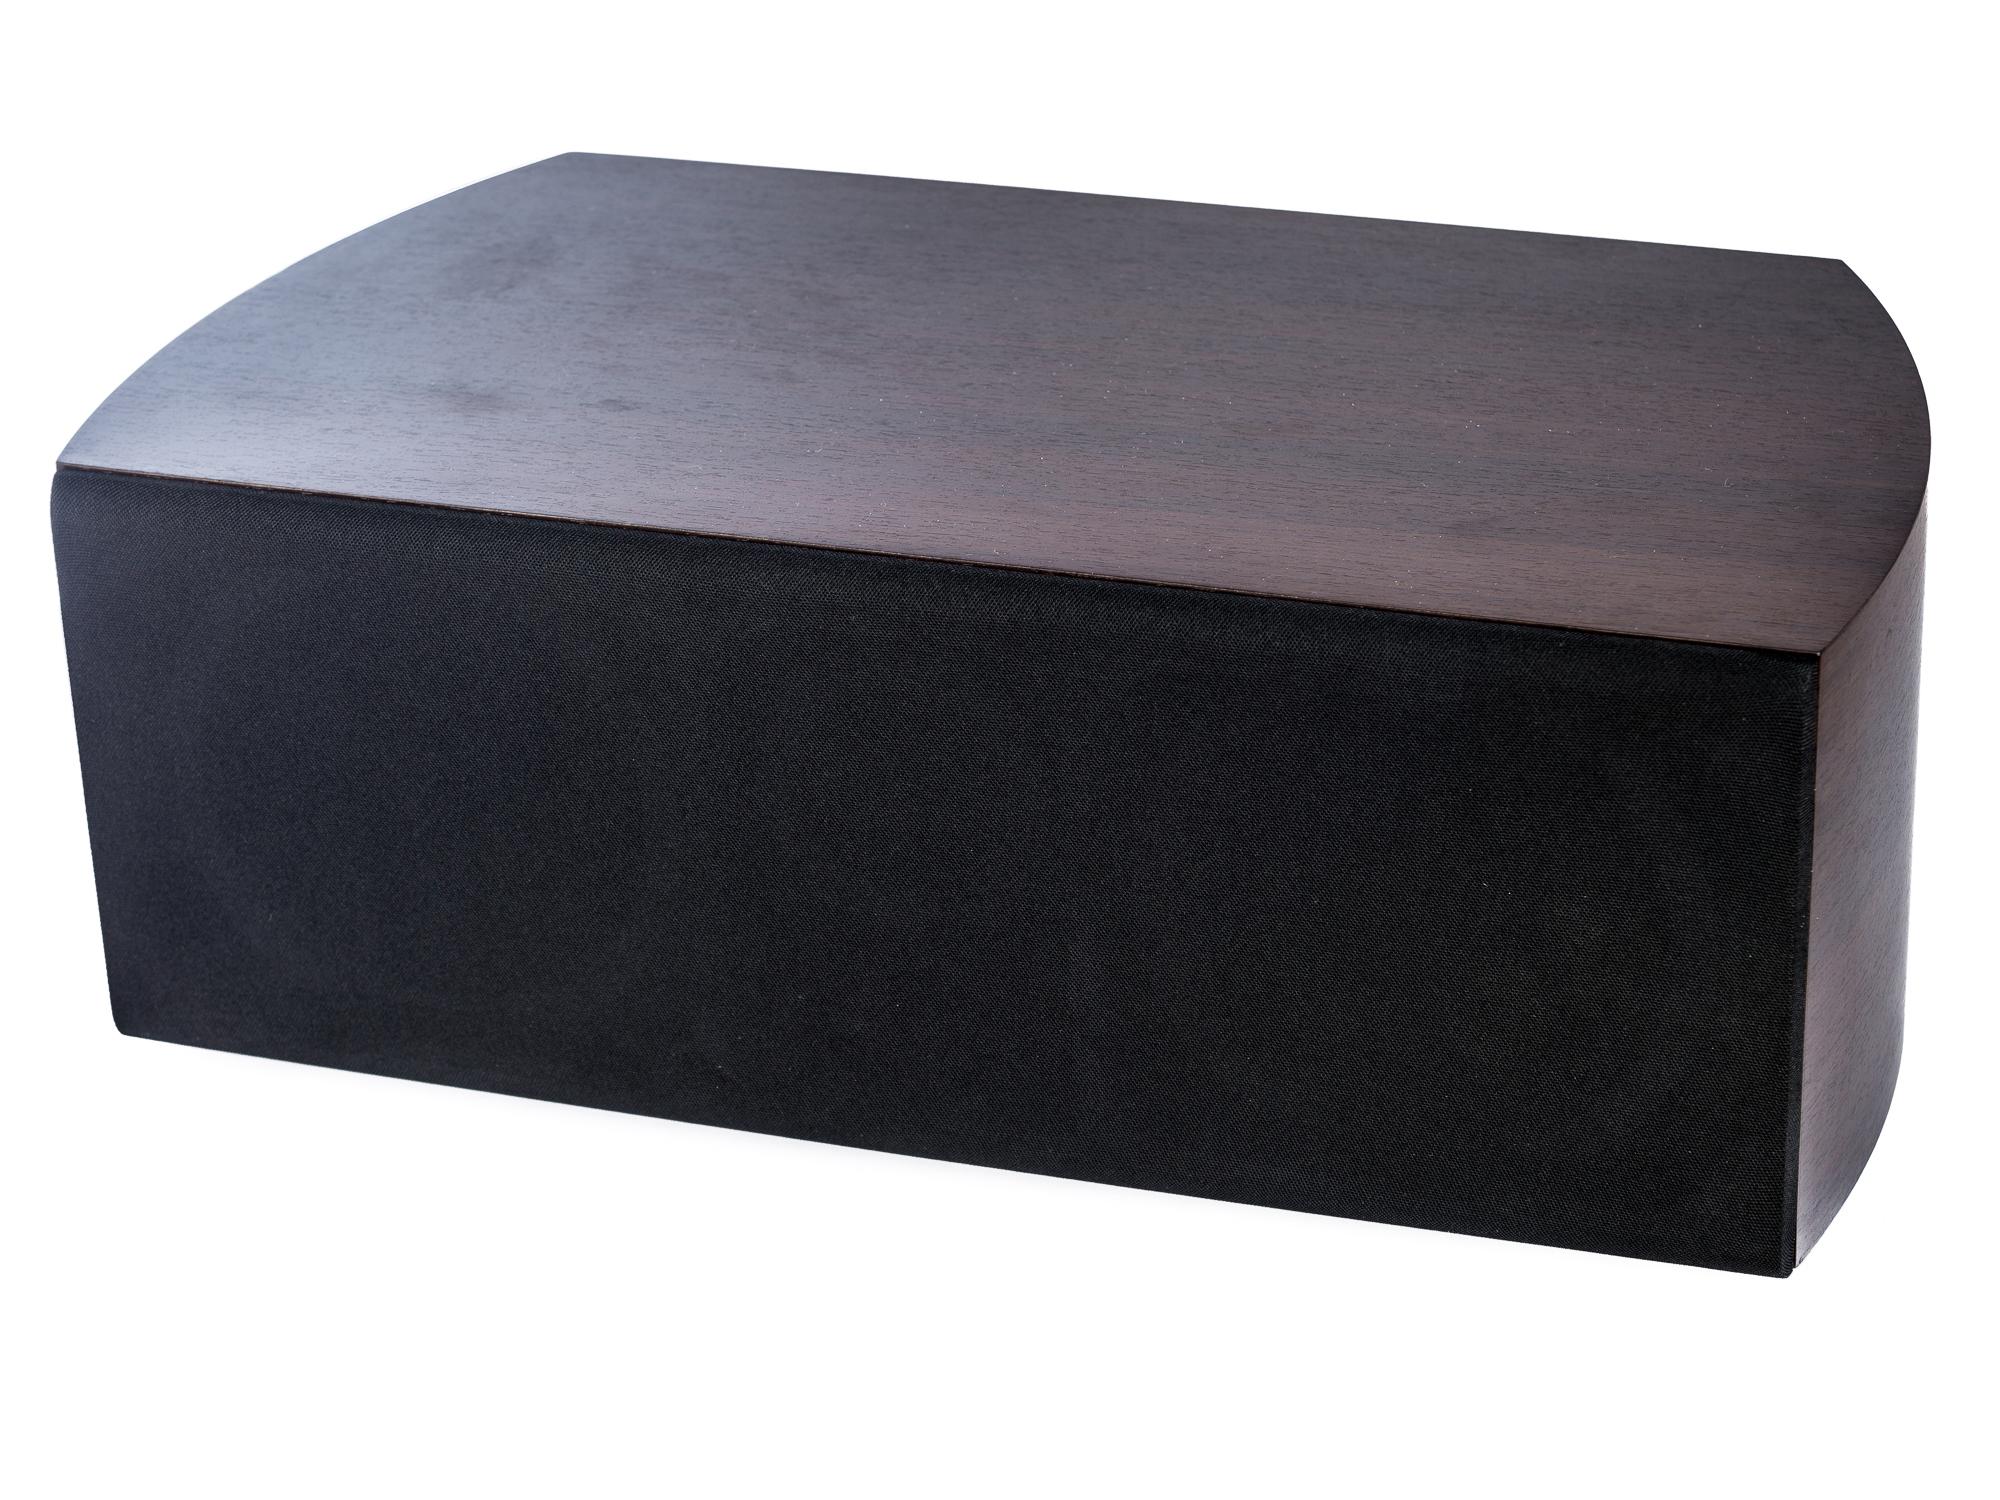 PG Audio Center Lautsprecher einsetzbar zur Heco Victa 101,Prime 102,espresso,Neu – Bild 3